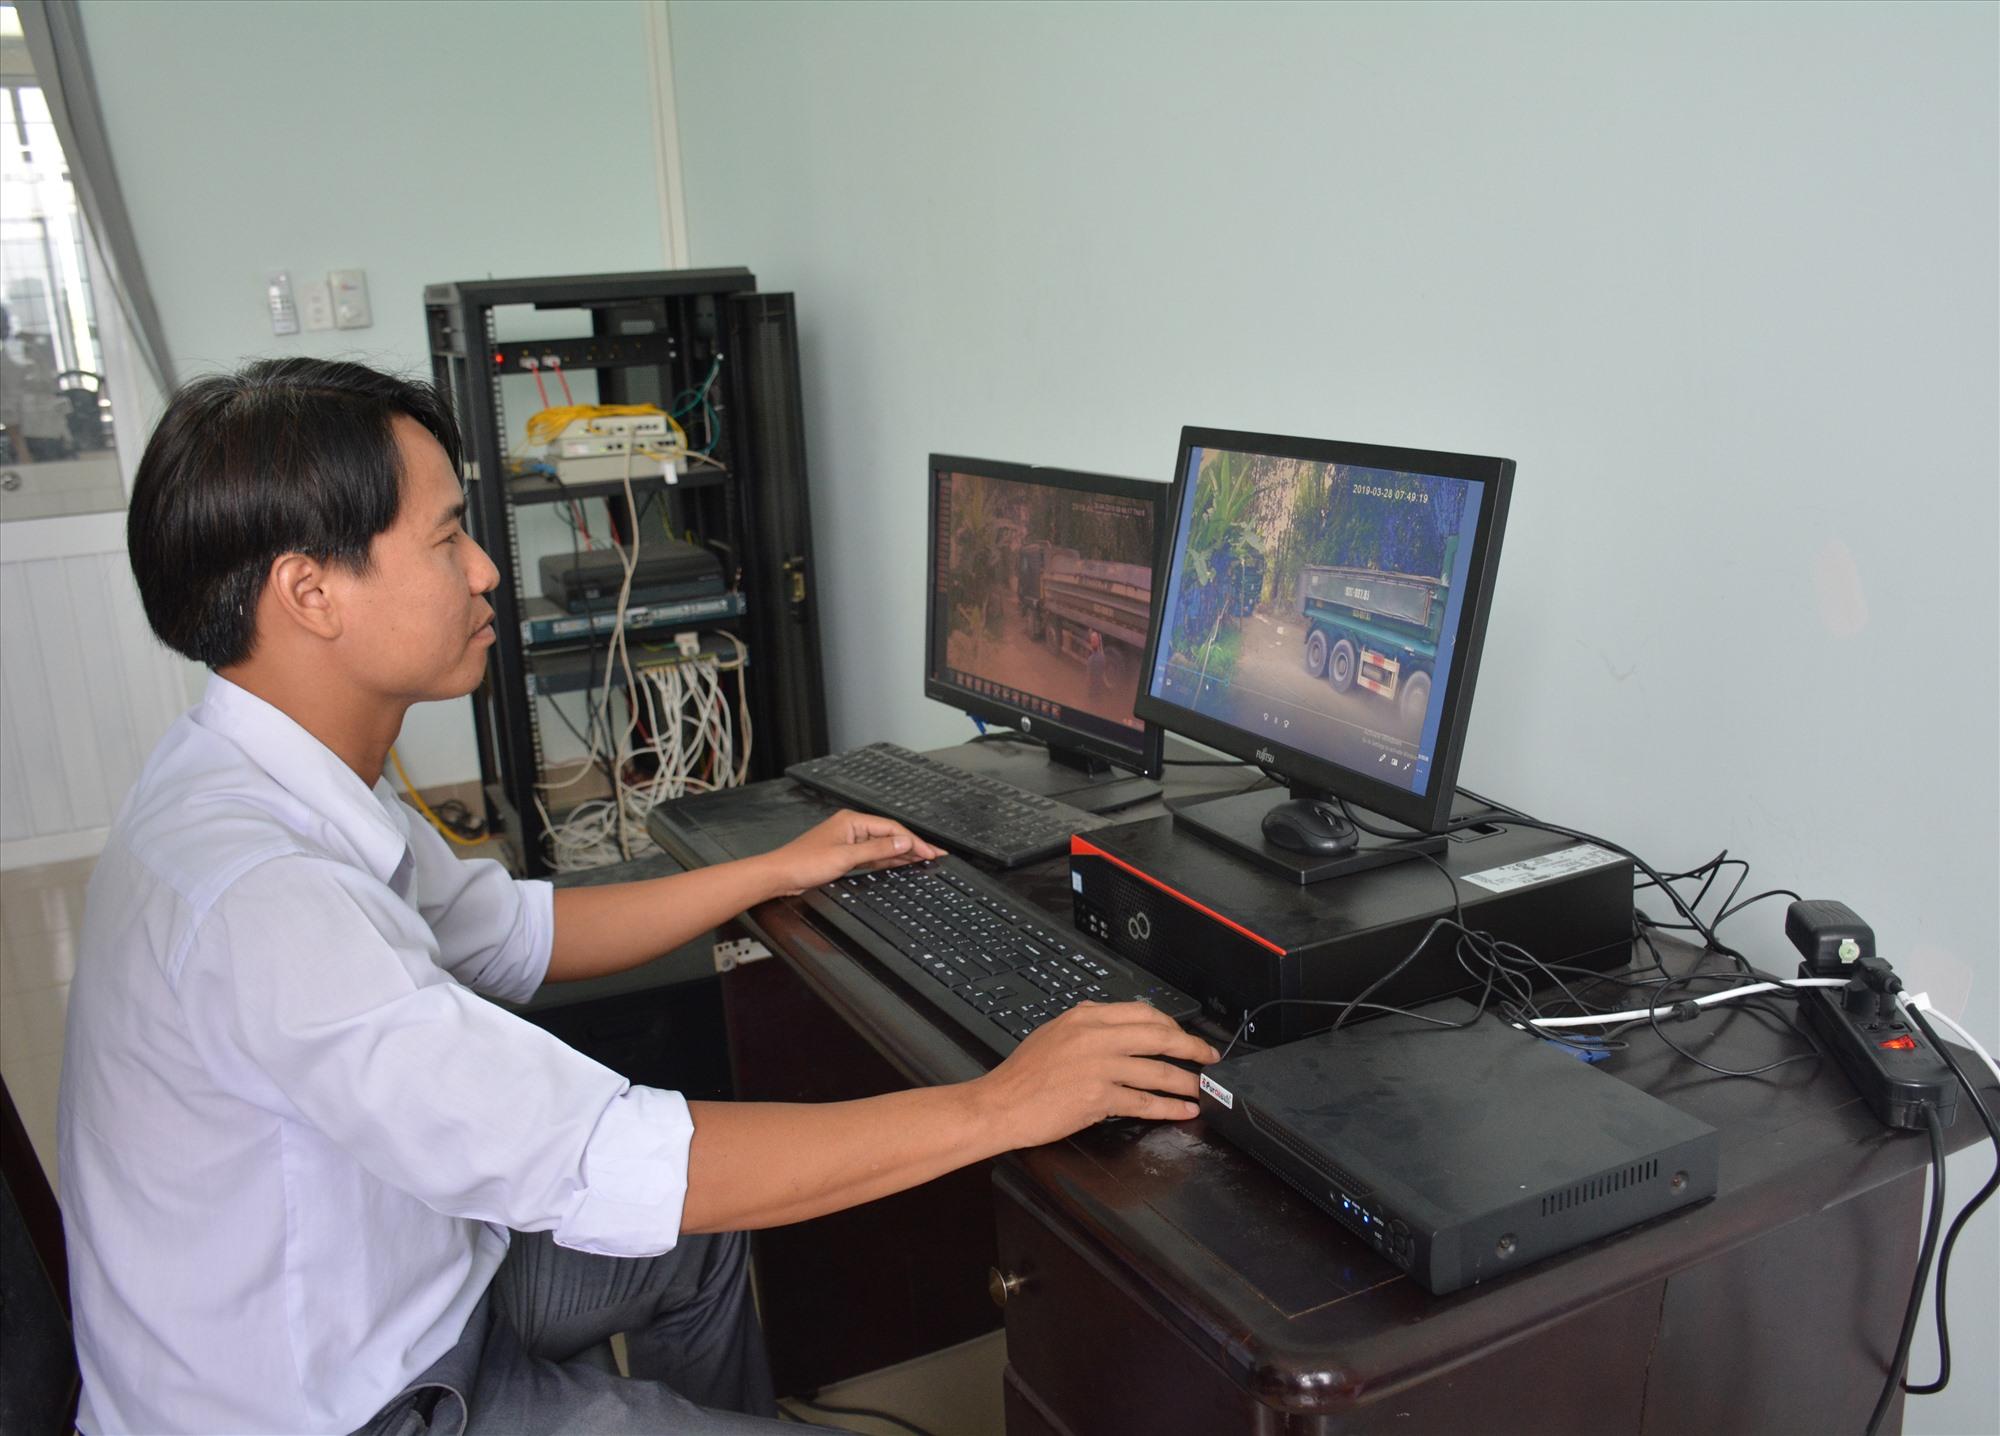 Cán bộ thuế Đại Lộc giám sát hoạt động khai thác, vận chuyển khoáng sản từ camera kết nối với máy tính tại đơn vị để quản lý thuế. Ảnh V.D